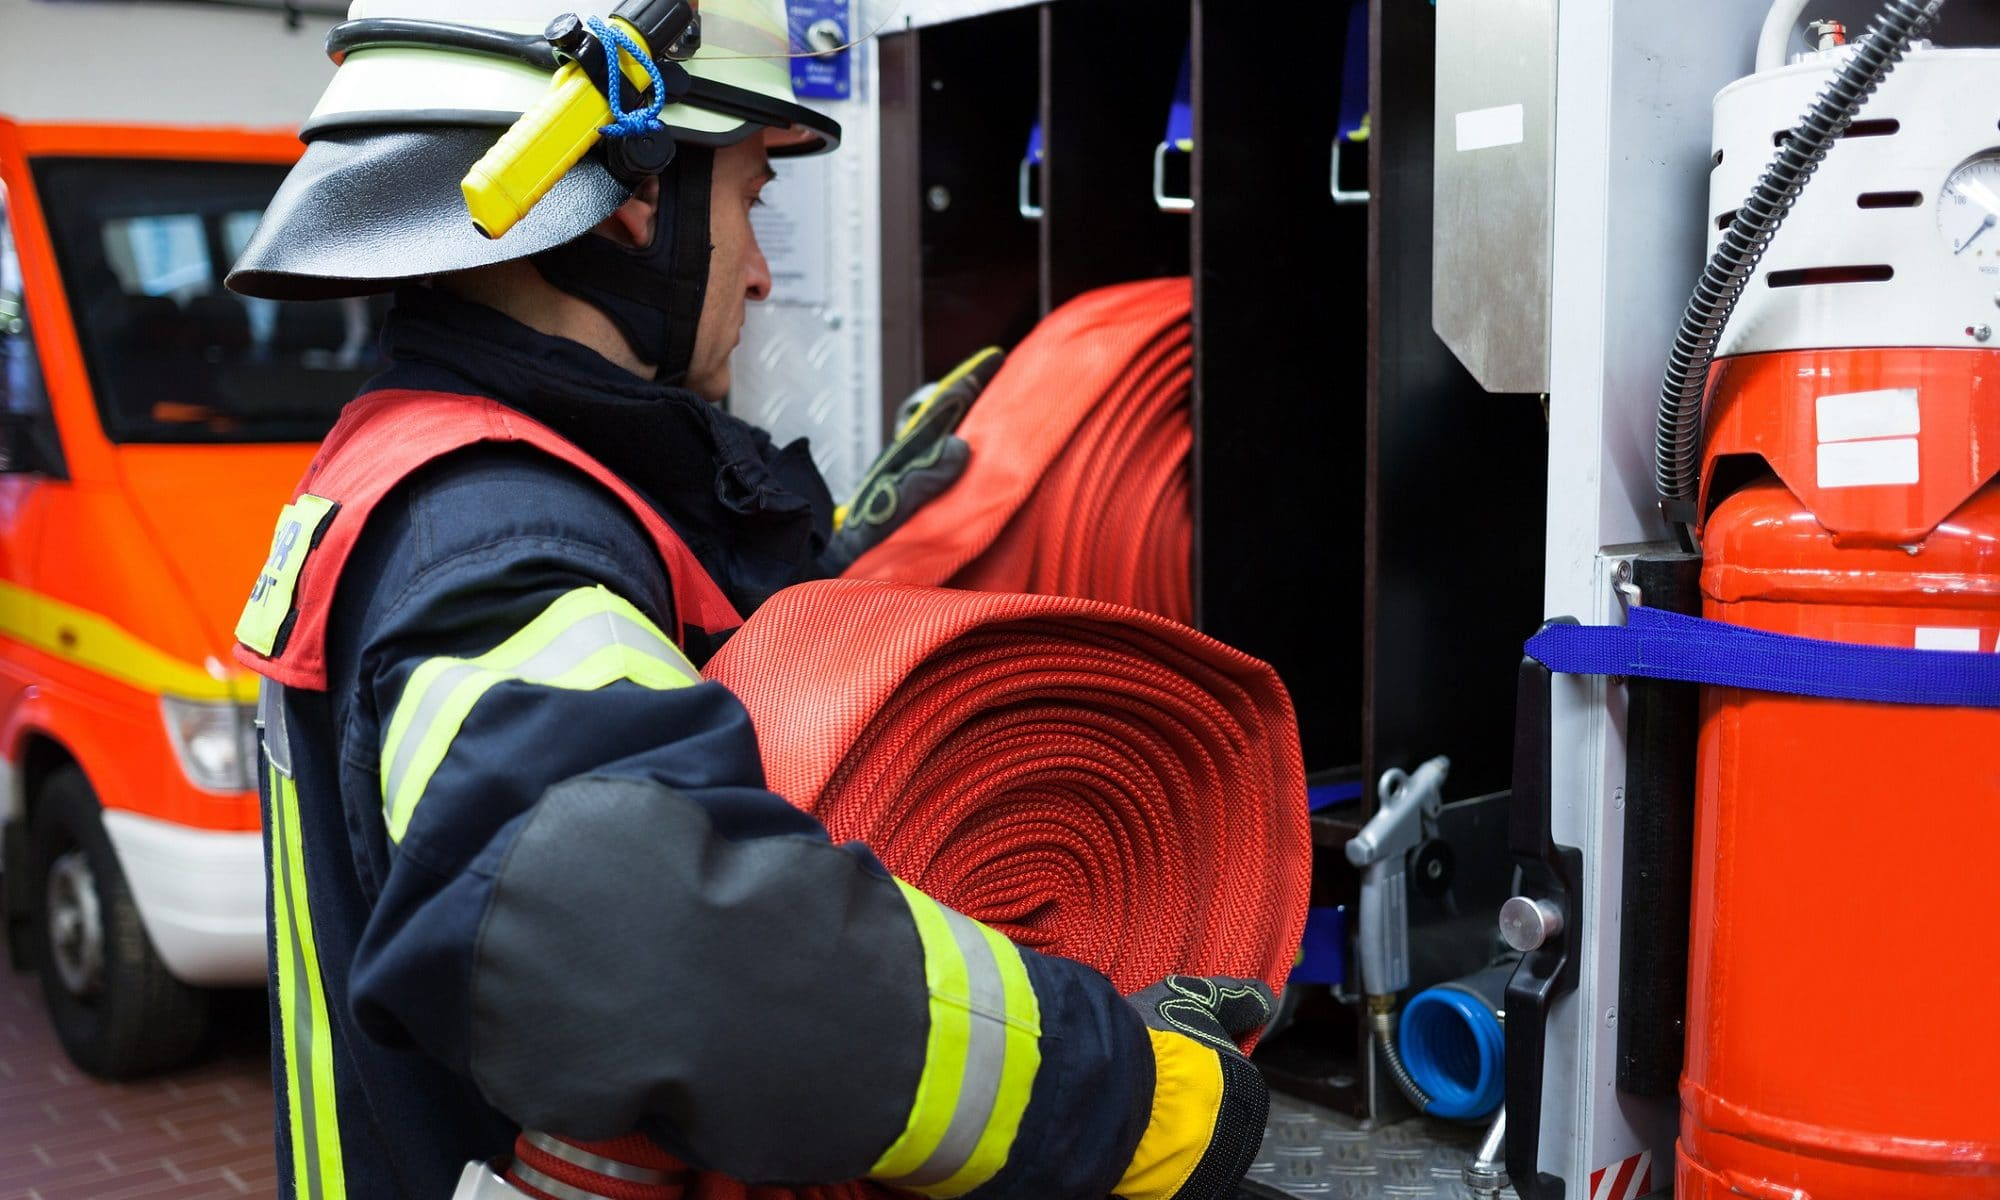 Strażak z wężem strażackim